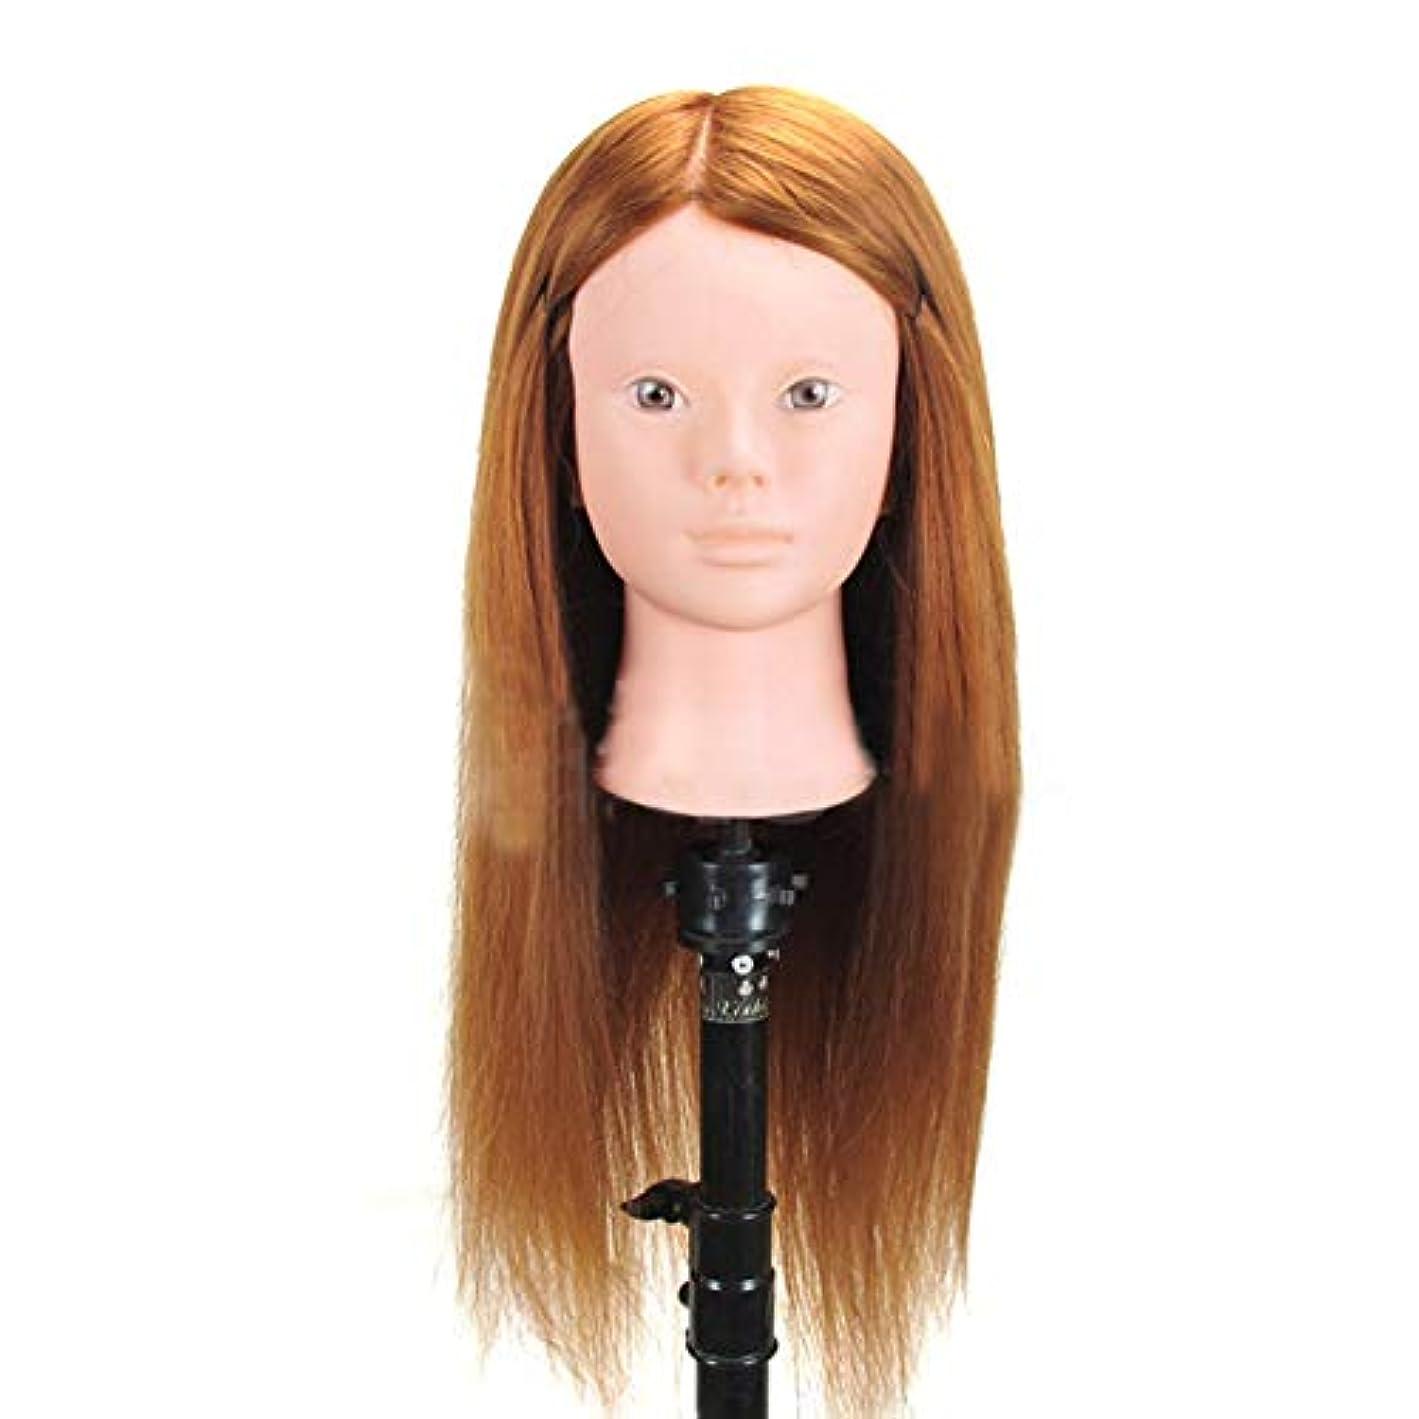 木コンピューターアルコーブ高温シルクヘアマネキンヘッド編組ヘアヘアピンヘッドモデルサロンパーマ髪染め学習ダミーヘッド